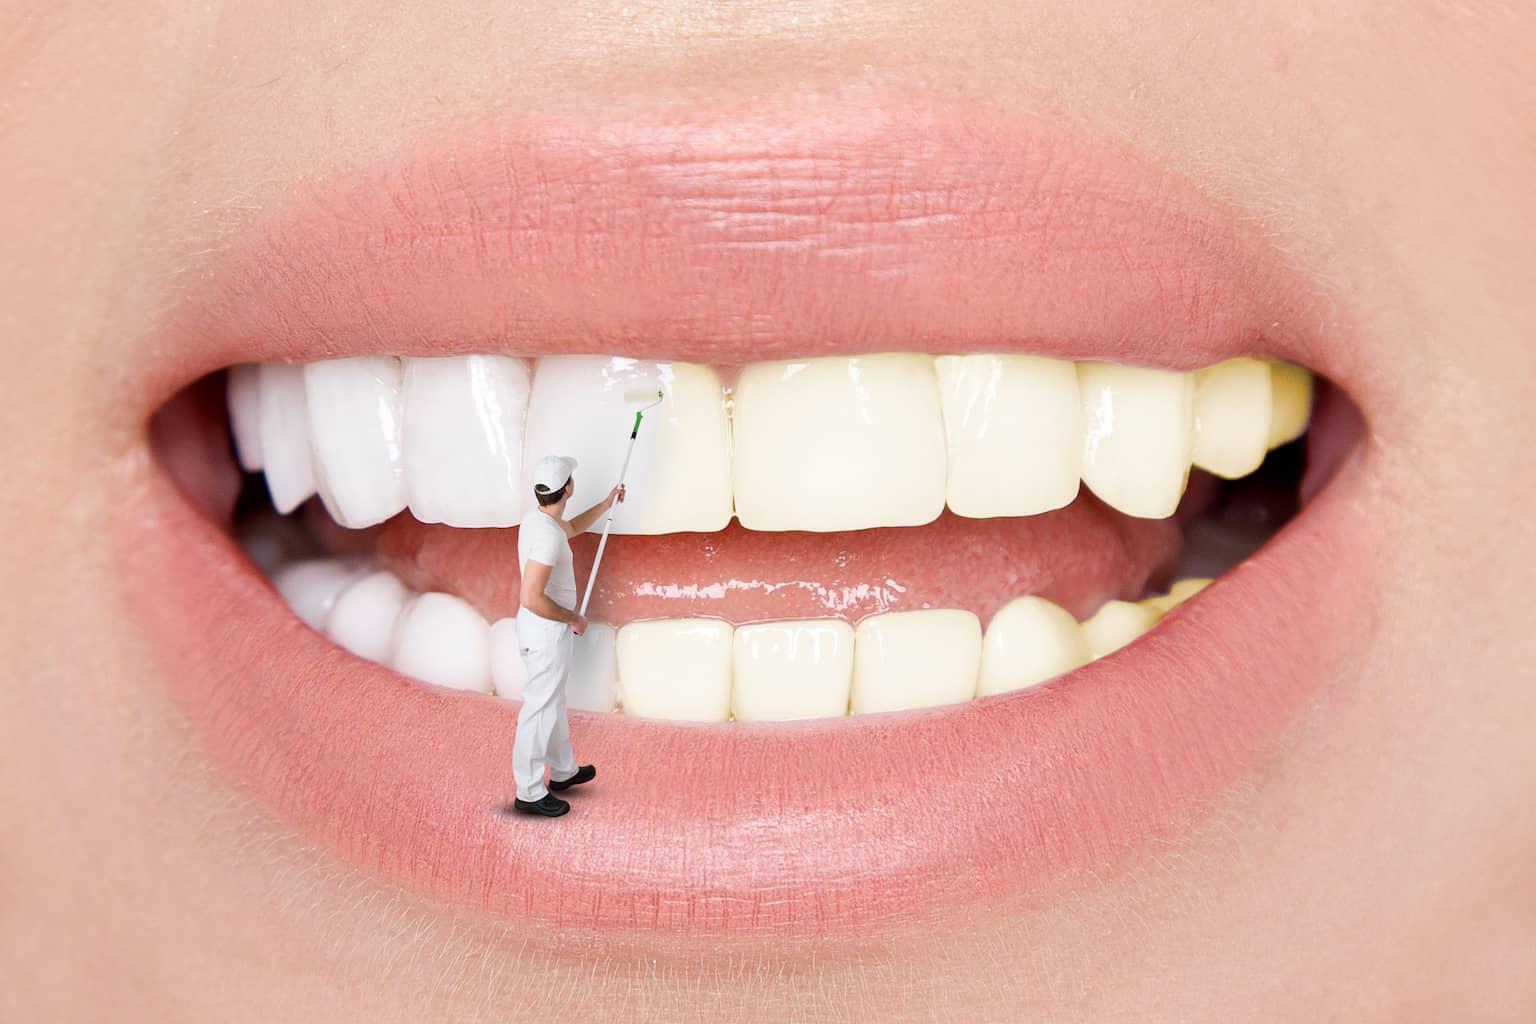 ציפוי ננו-קרמי לשיניים: מה זה אומר ולמי זה מתאים?